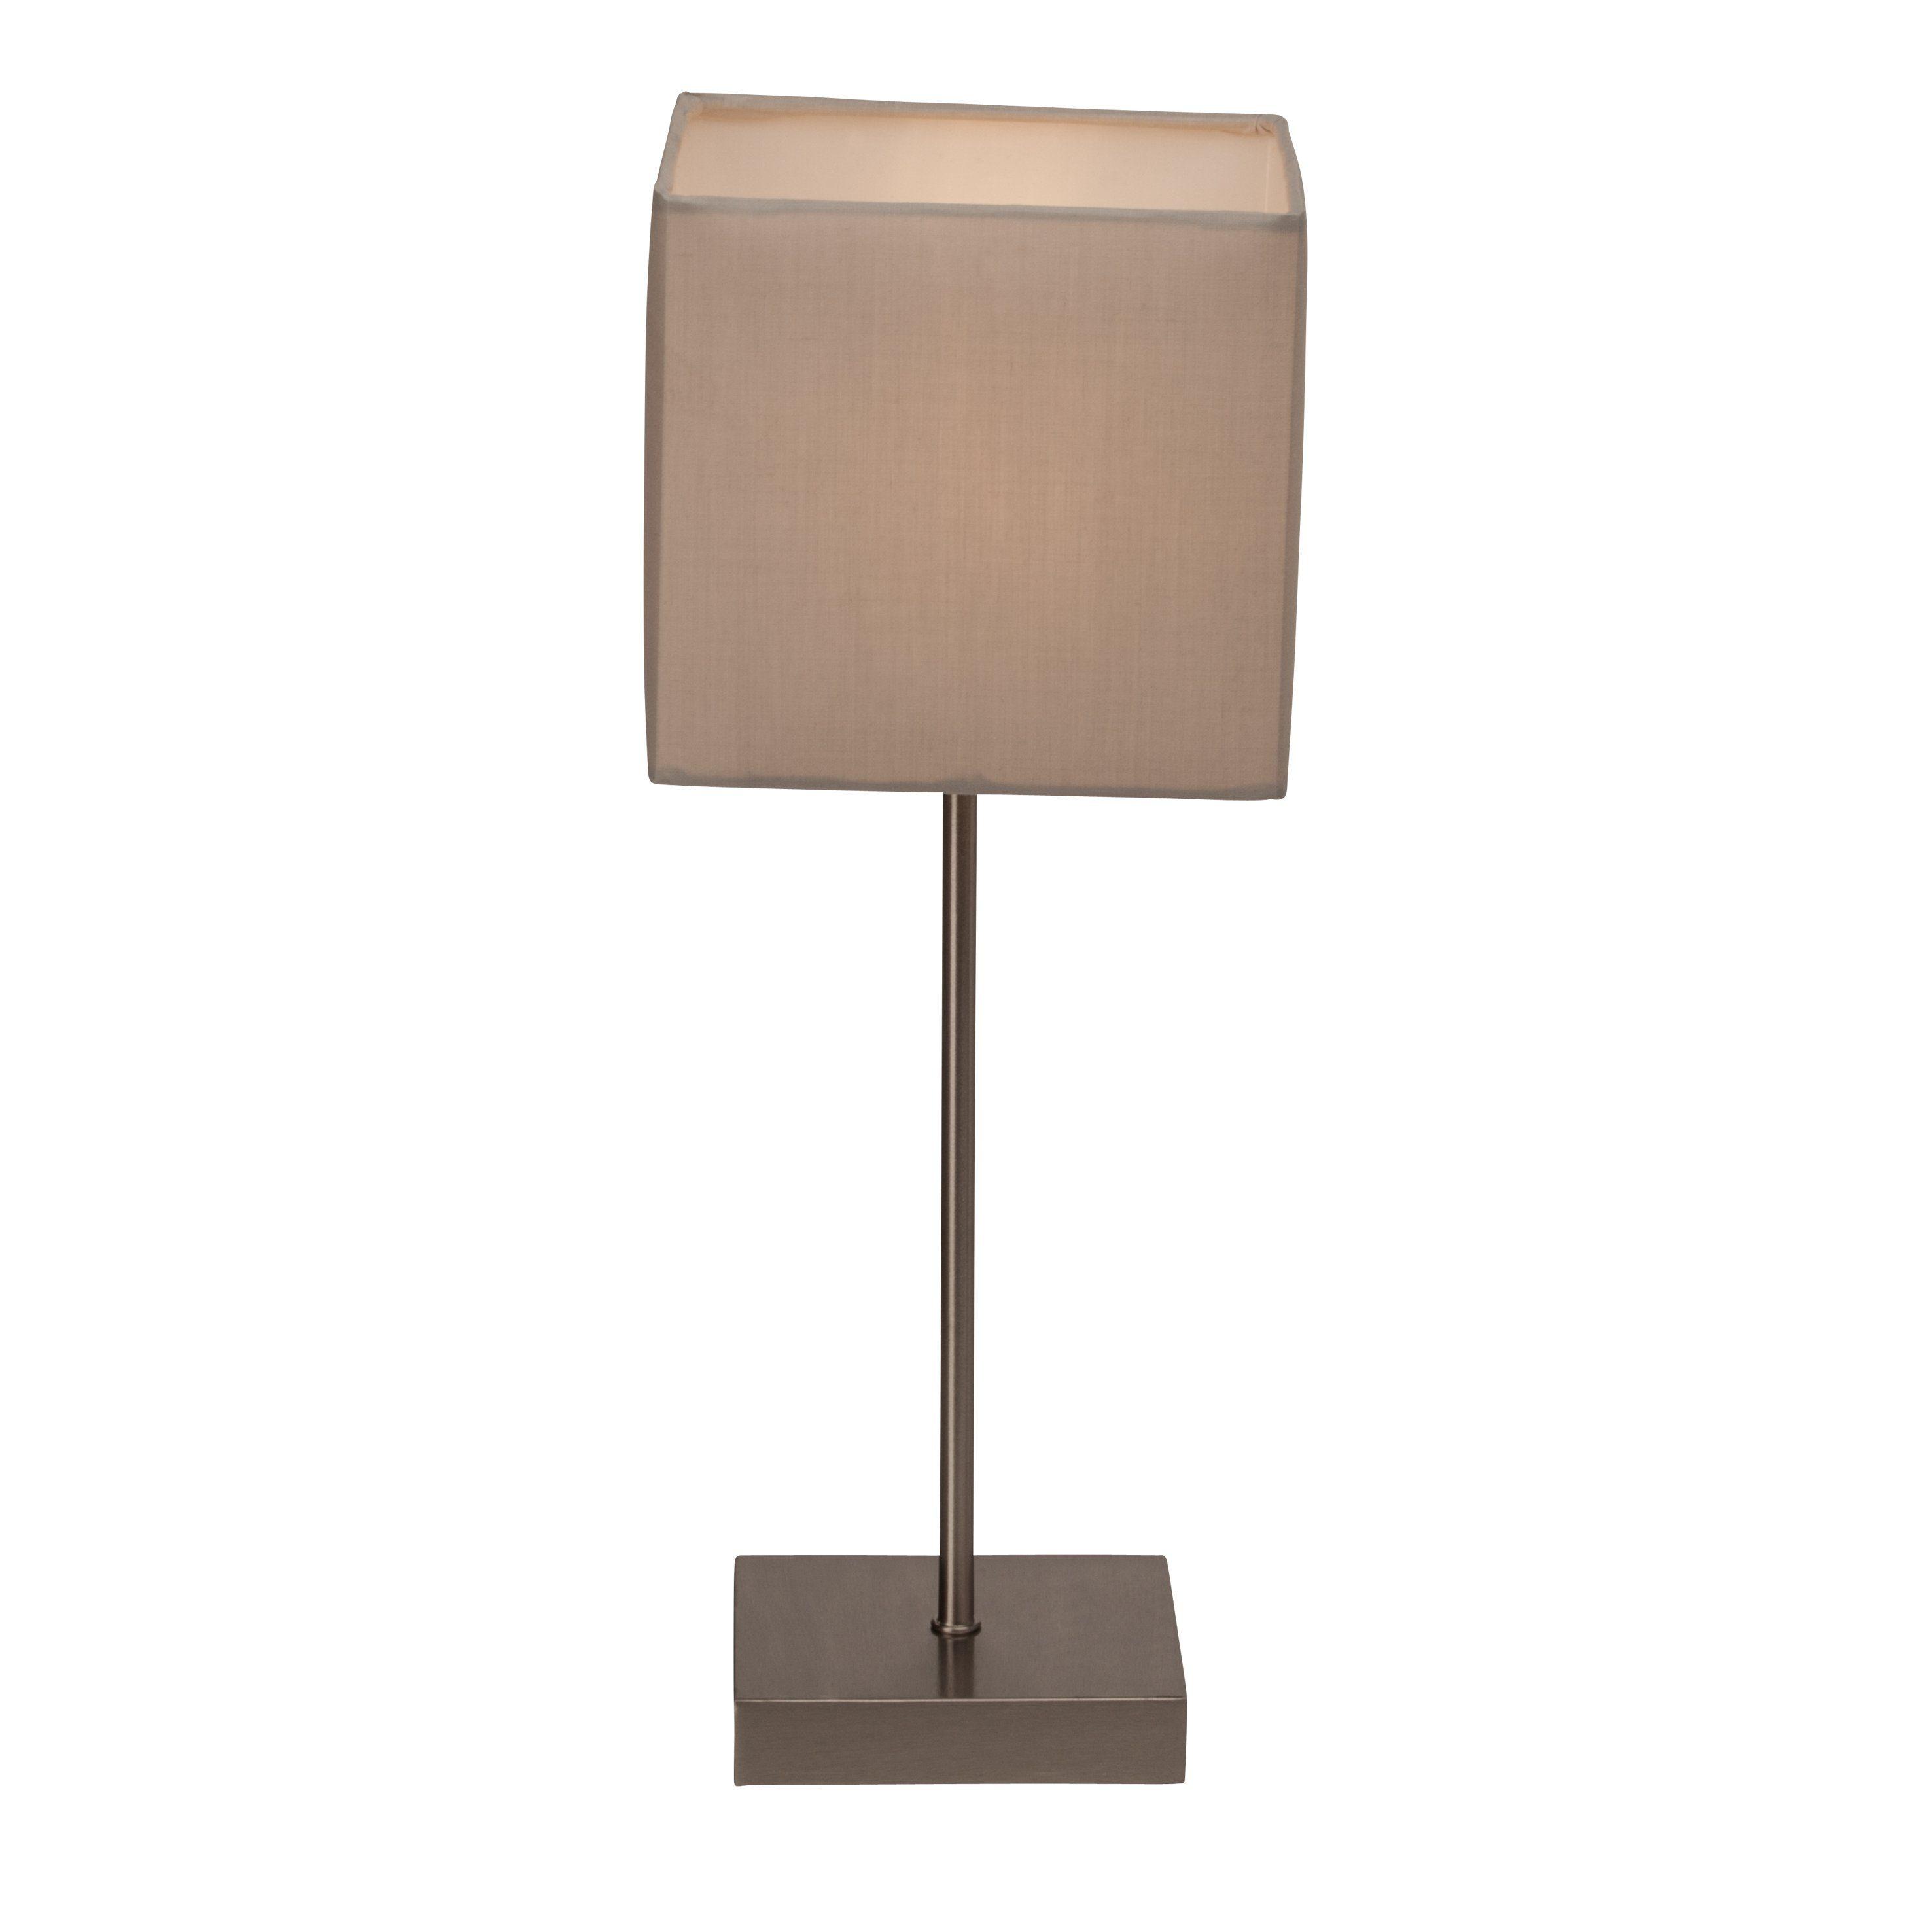 Brilliant Leuchten Aglae Tischleuchte mit Touchschalter grau